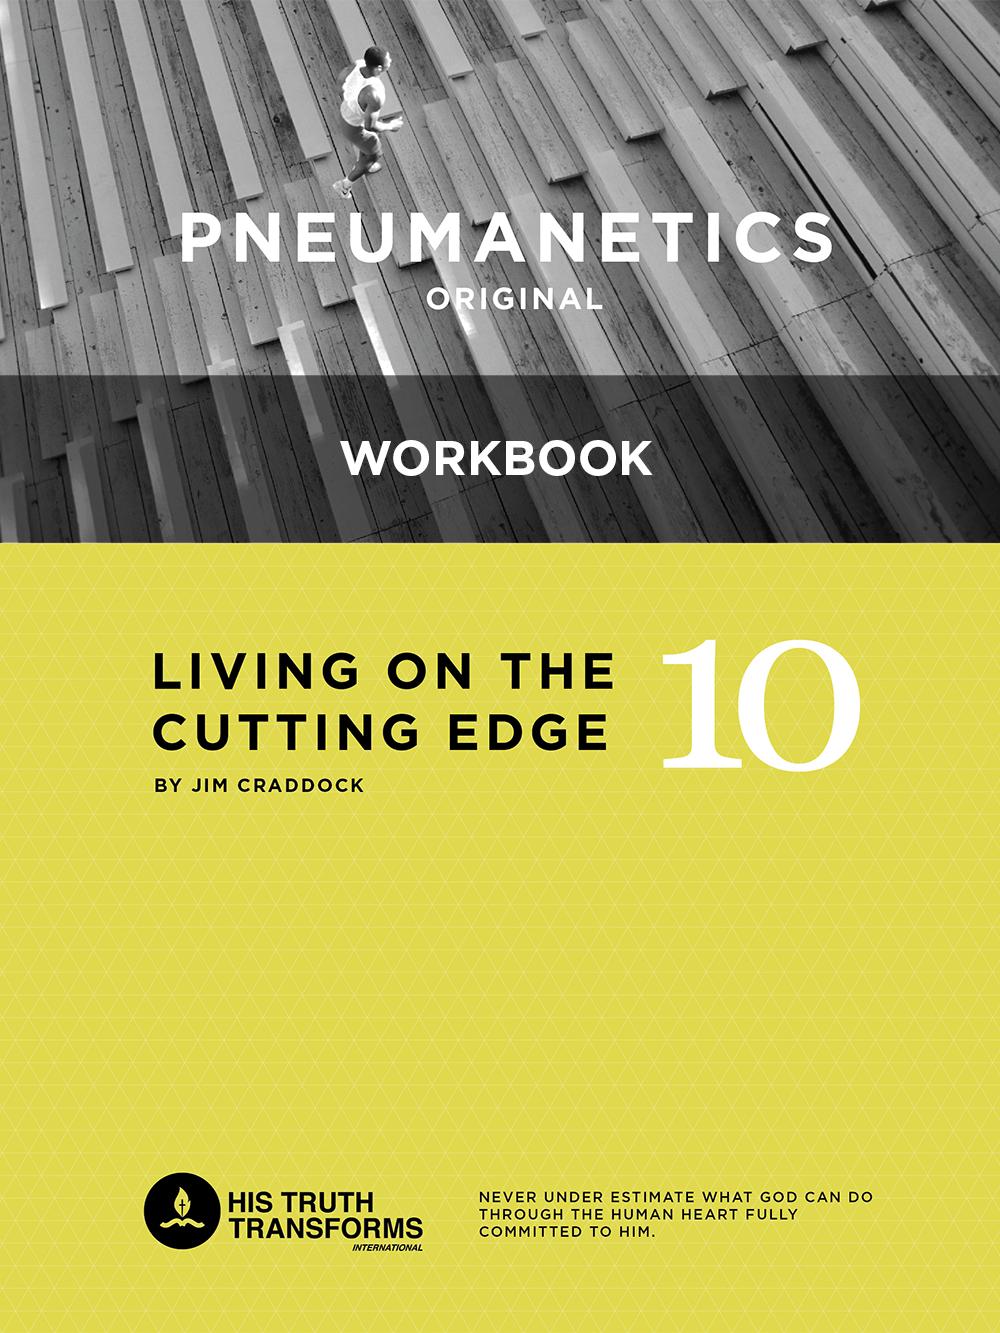 pneumanetics-10-workbook.jpg